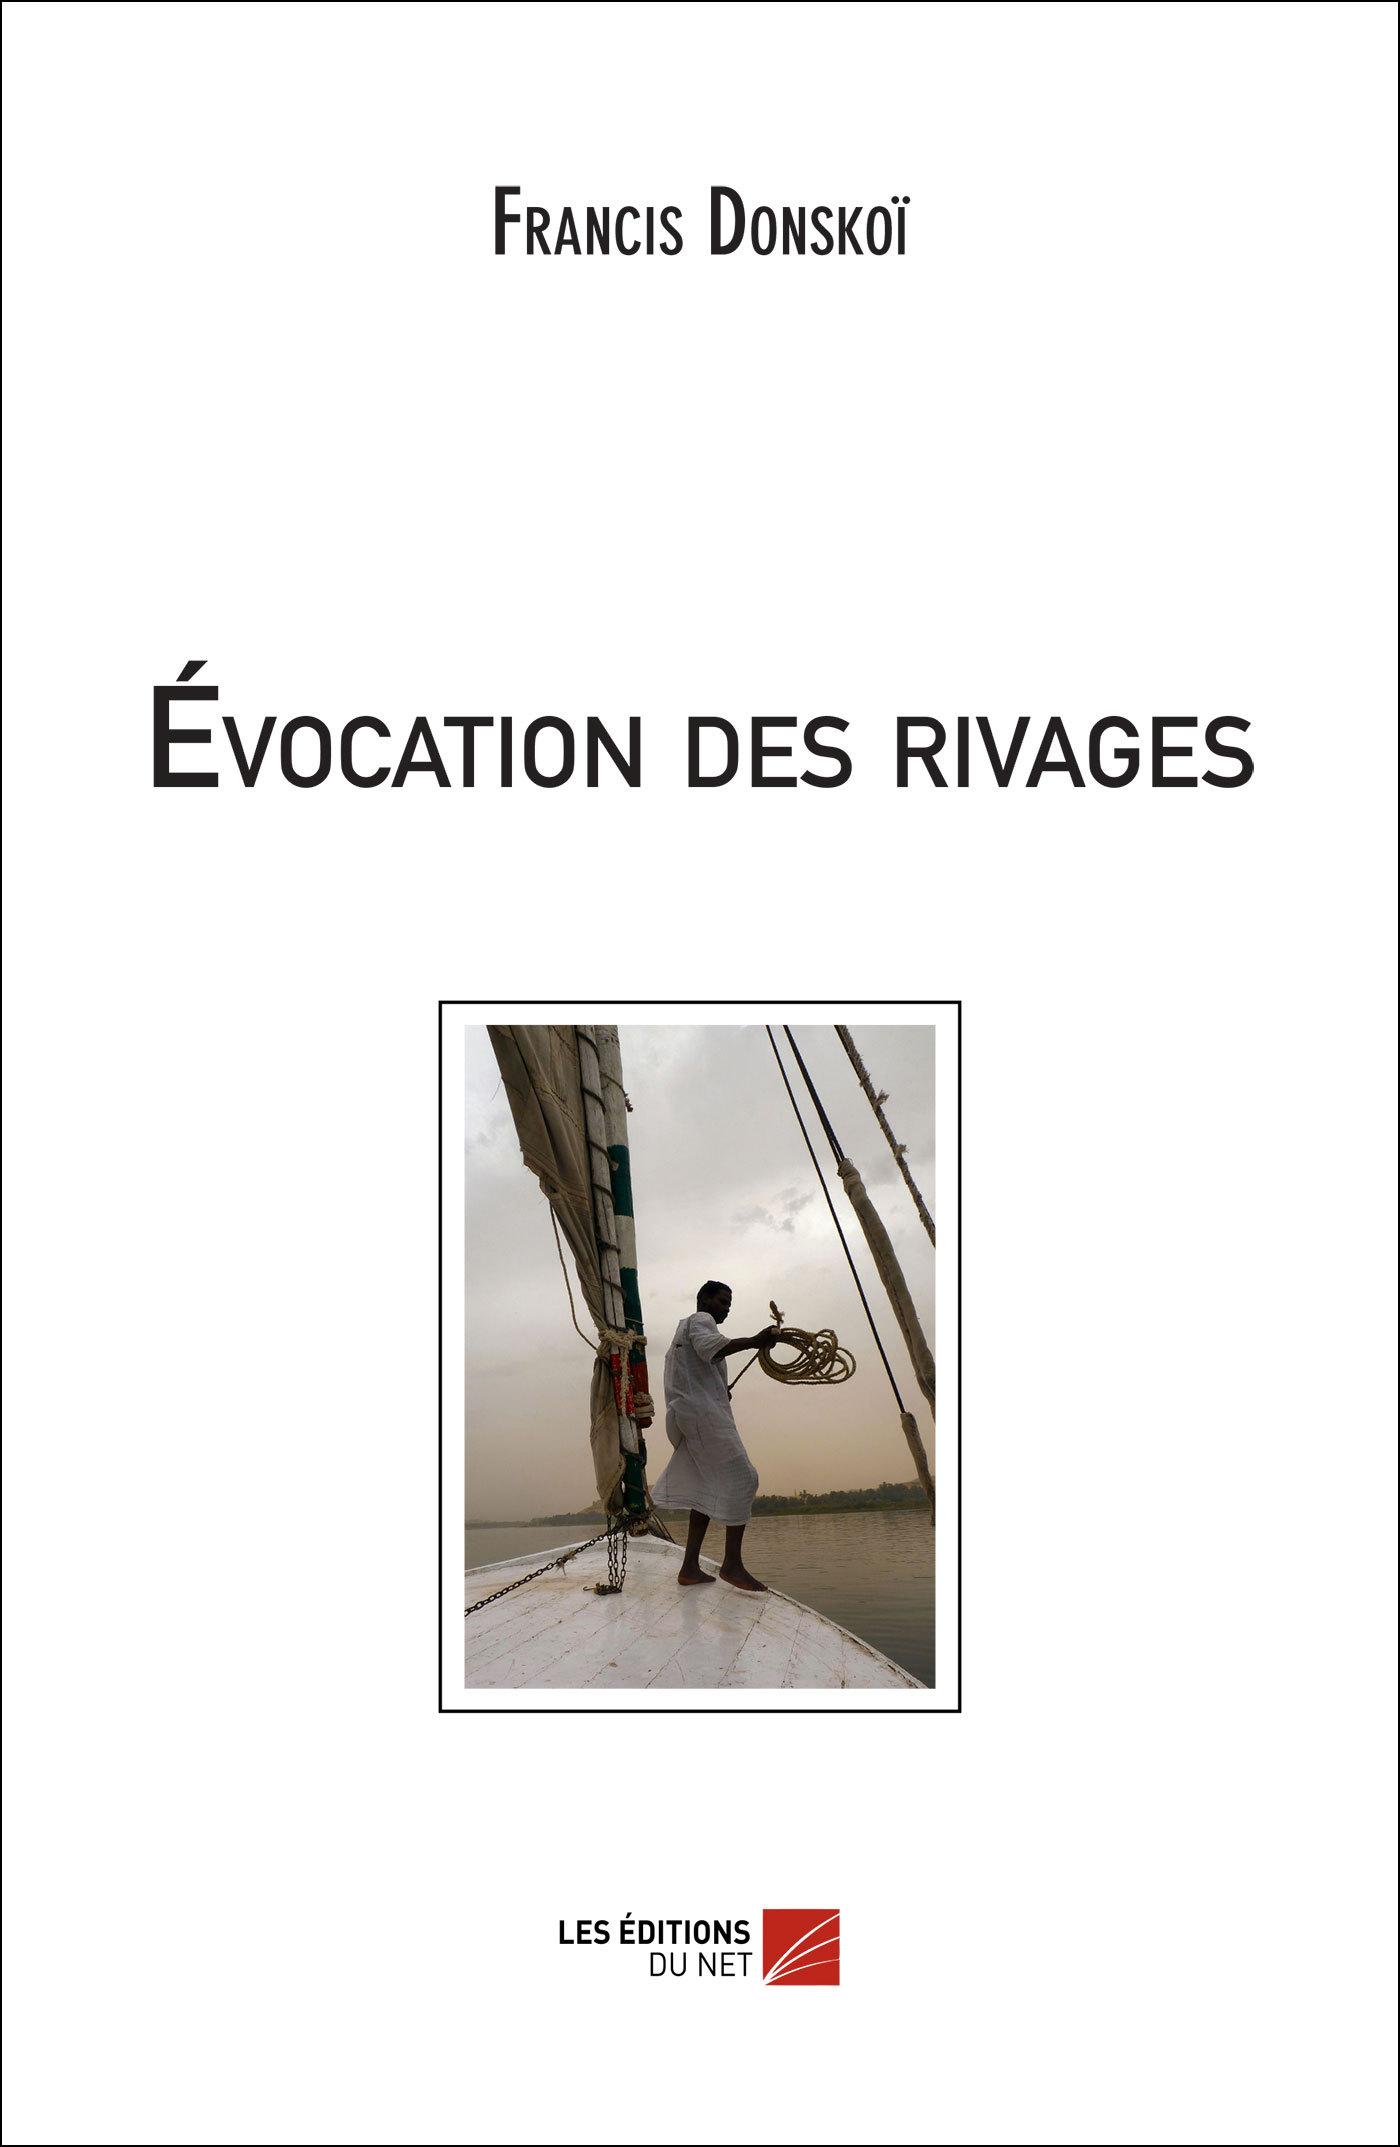 EVOCATION DES RIVAGES